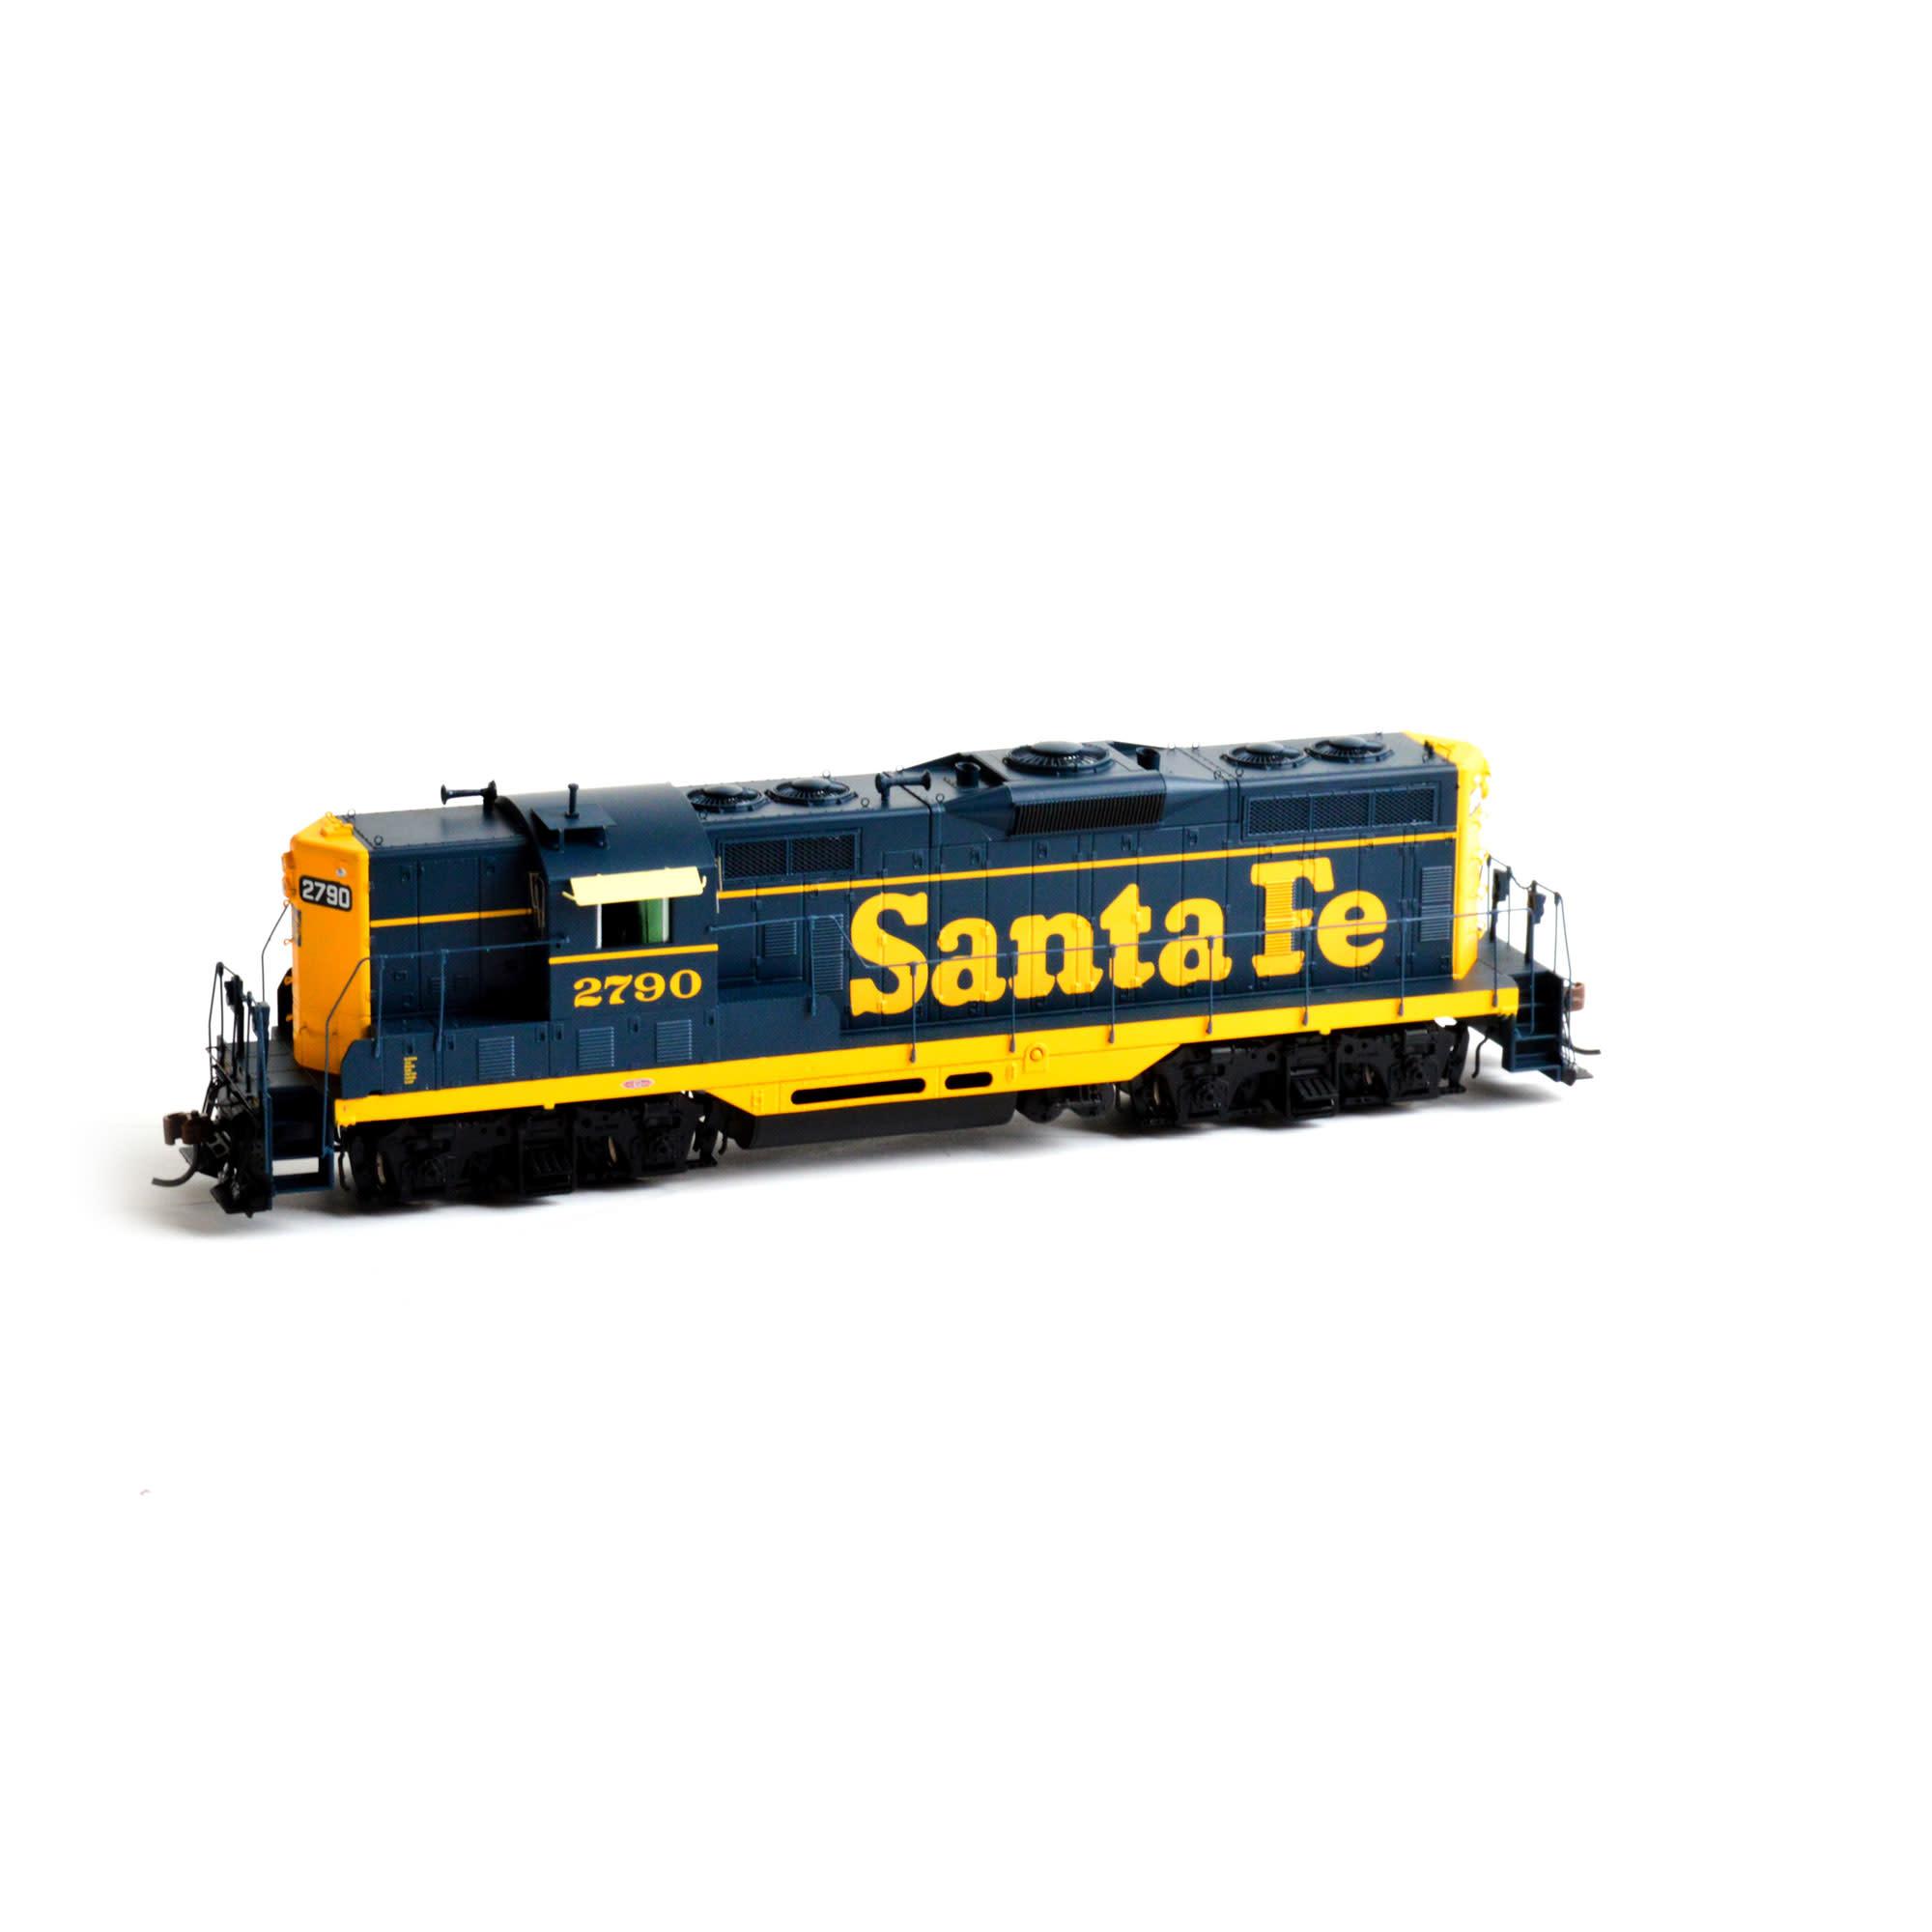 64249 Santa Fe GP7 diesellocomotief DCC sound-3